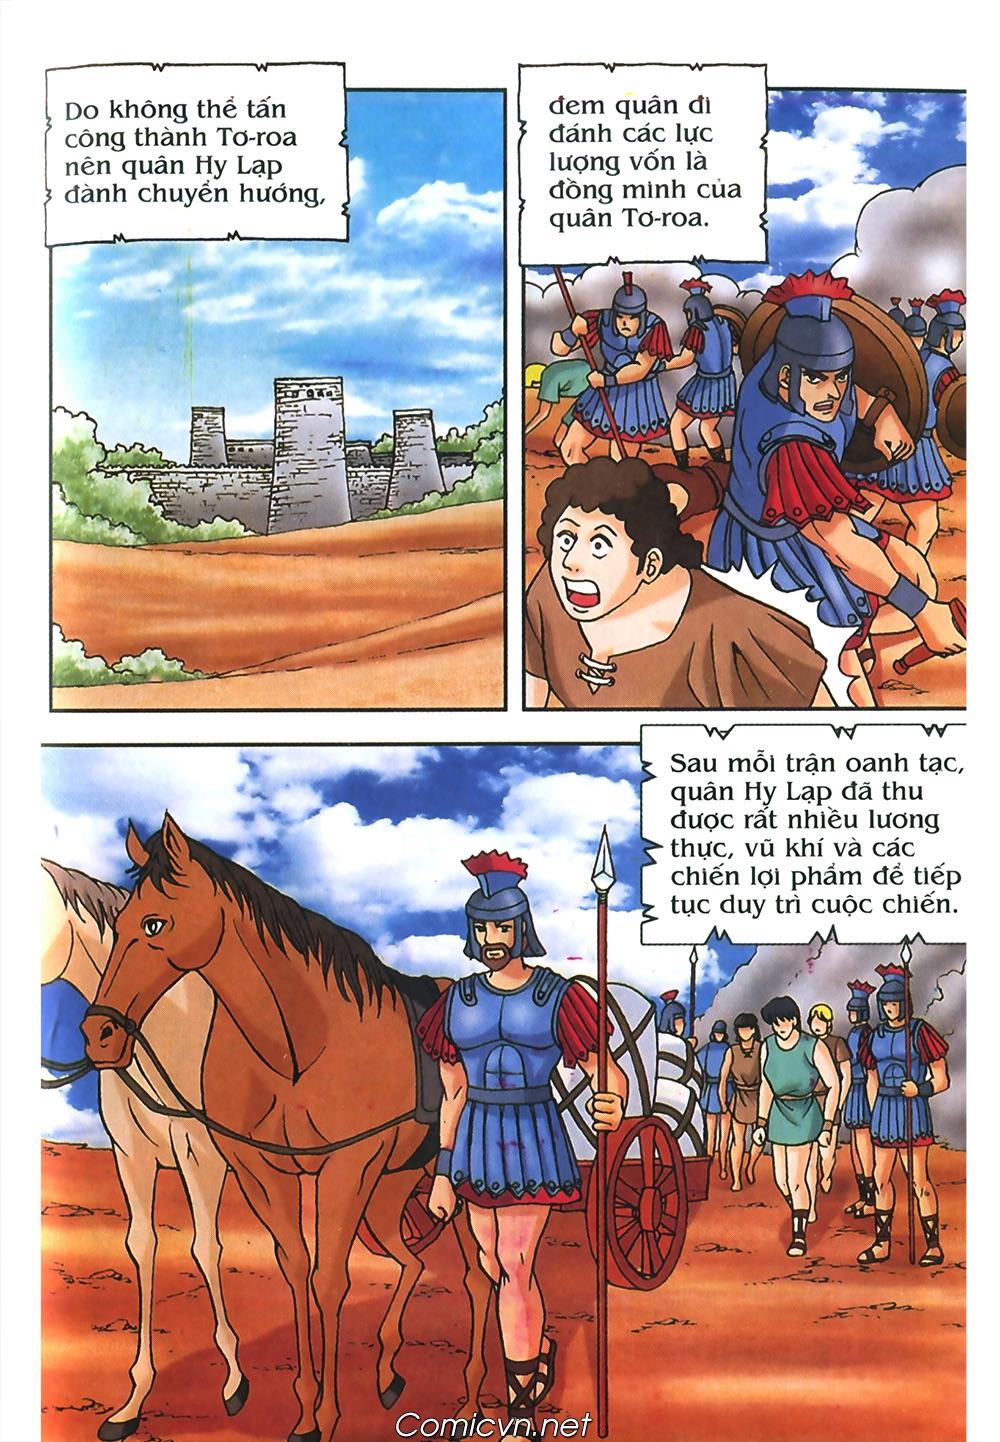 Thần Thoại Hy Lạp Màu - Chapter 56: Hai vị tướng và hai mỹ nữ - Pic 12